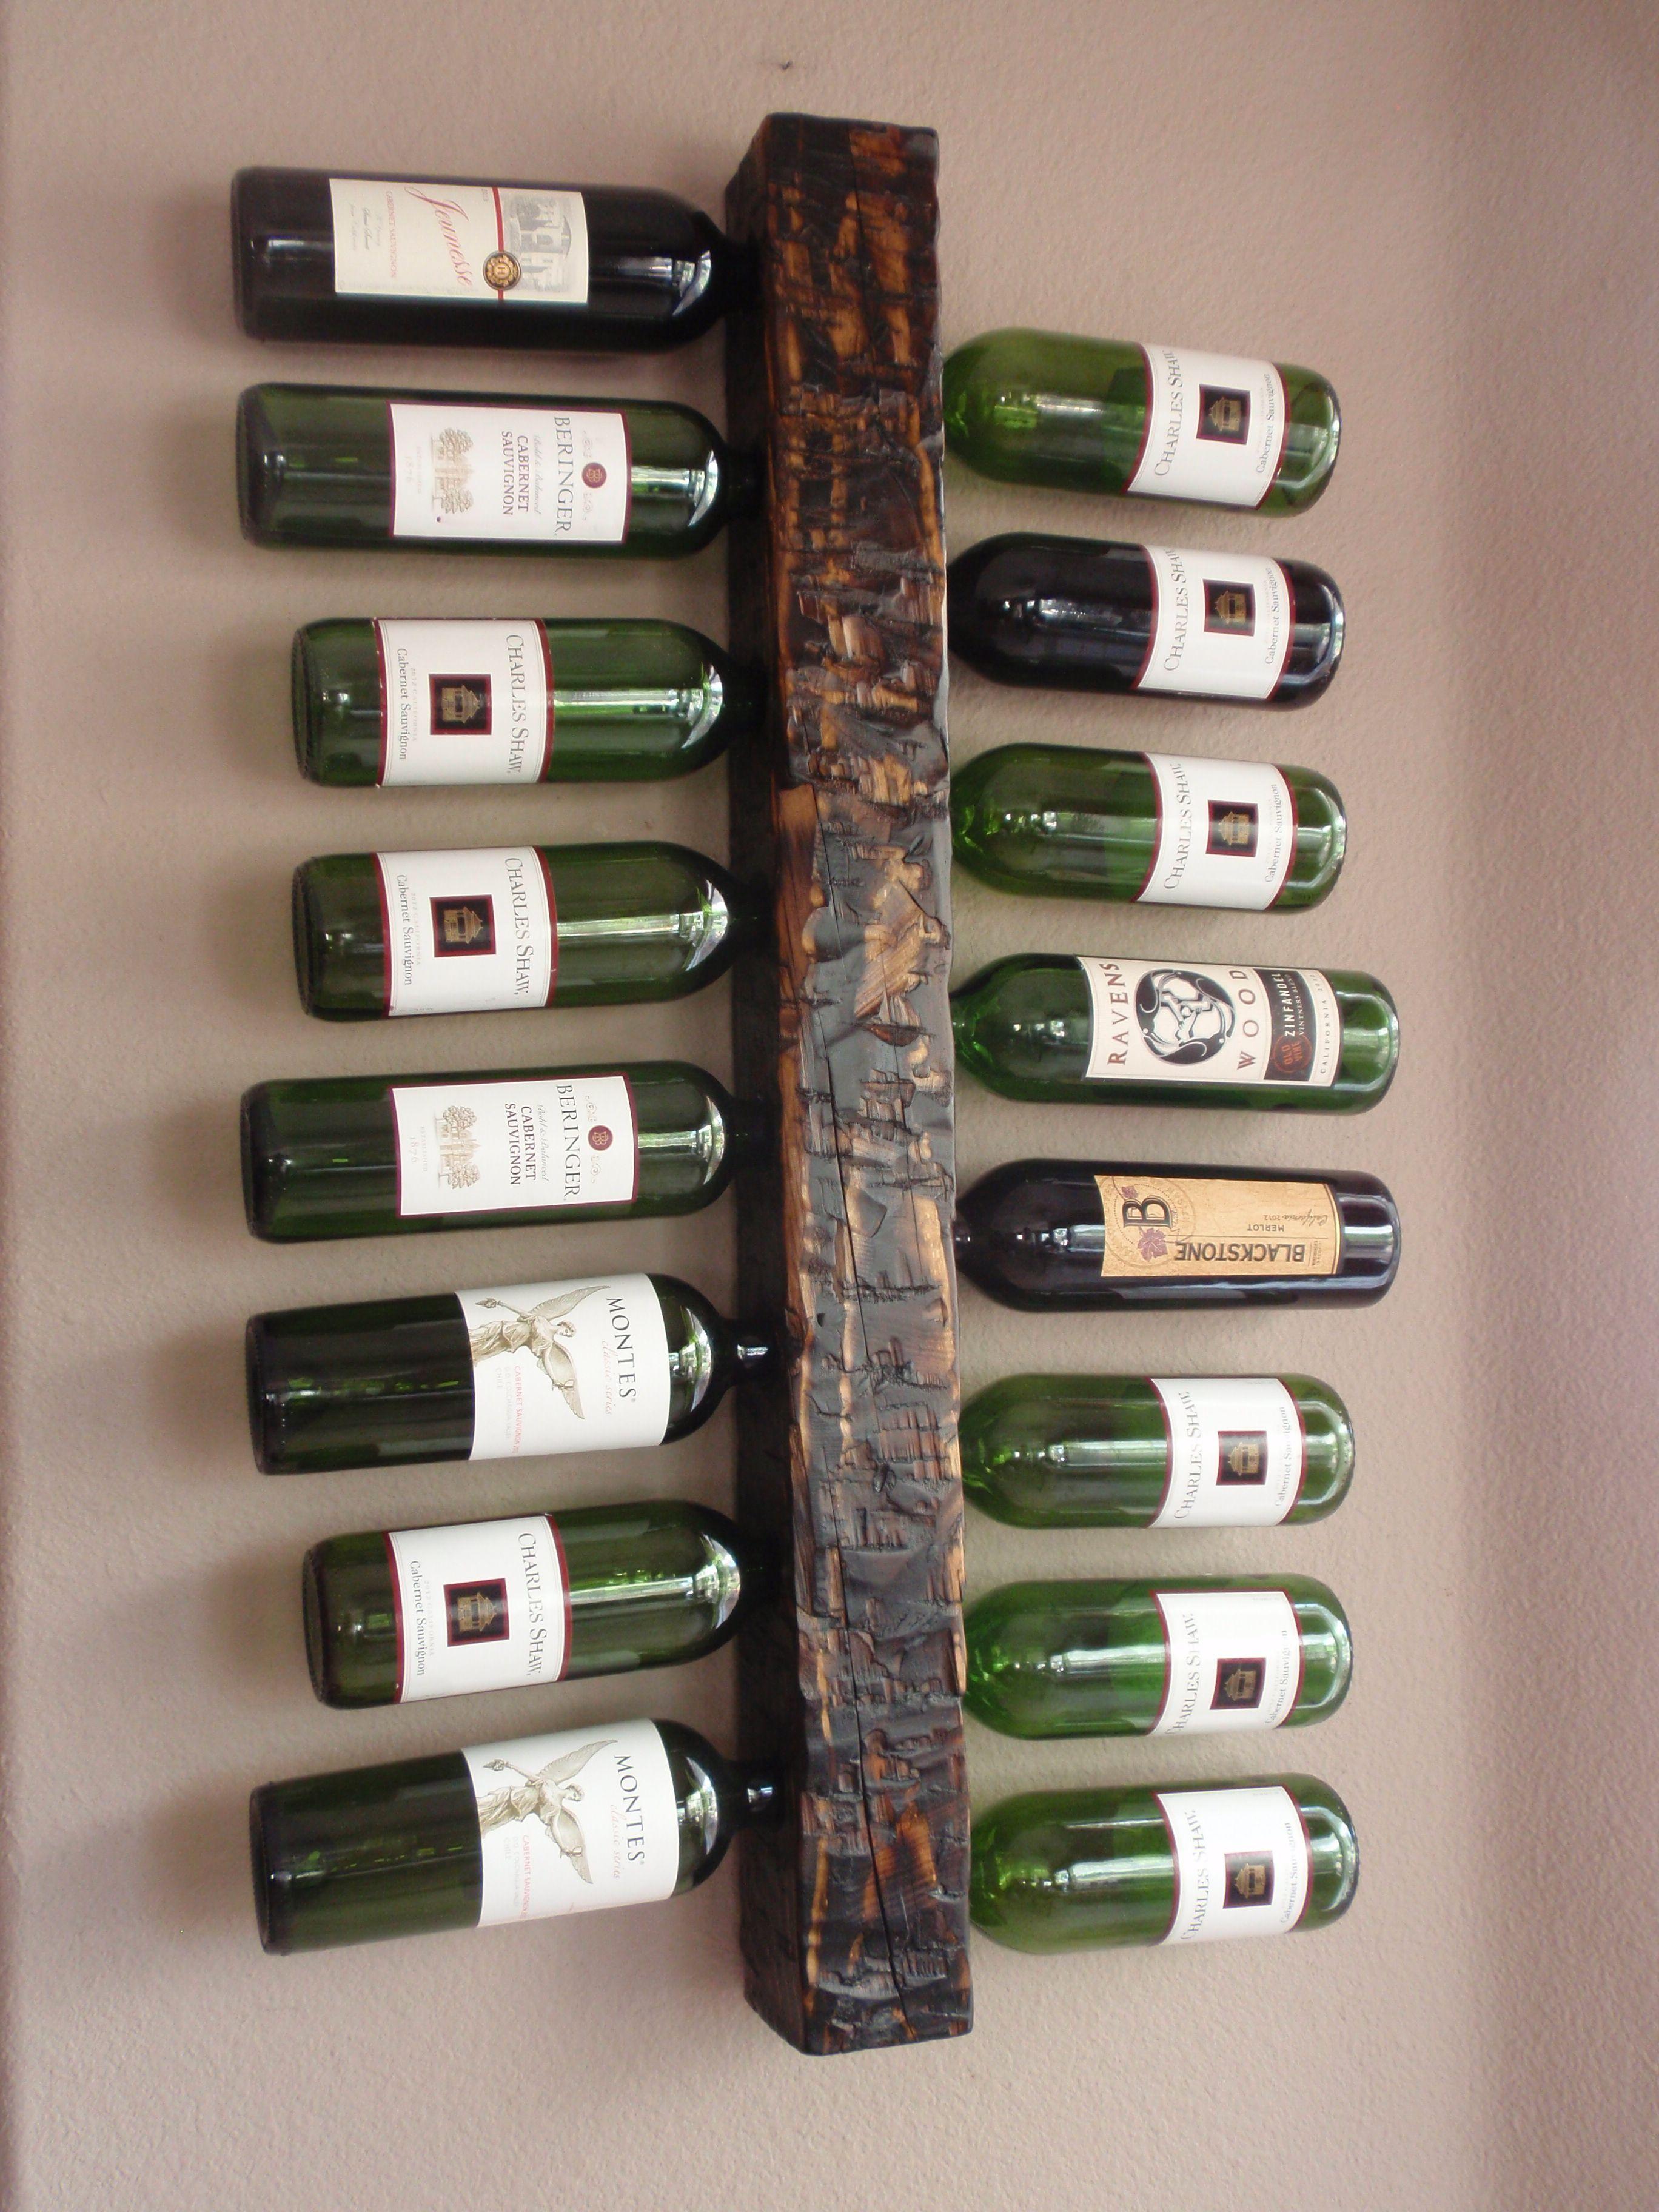 wall wine rack 16 bottle handmade hewn and distressed rustic burned barn beam look - Wooden Wine Rack